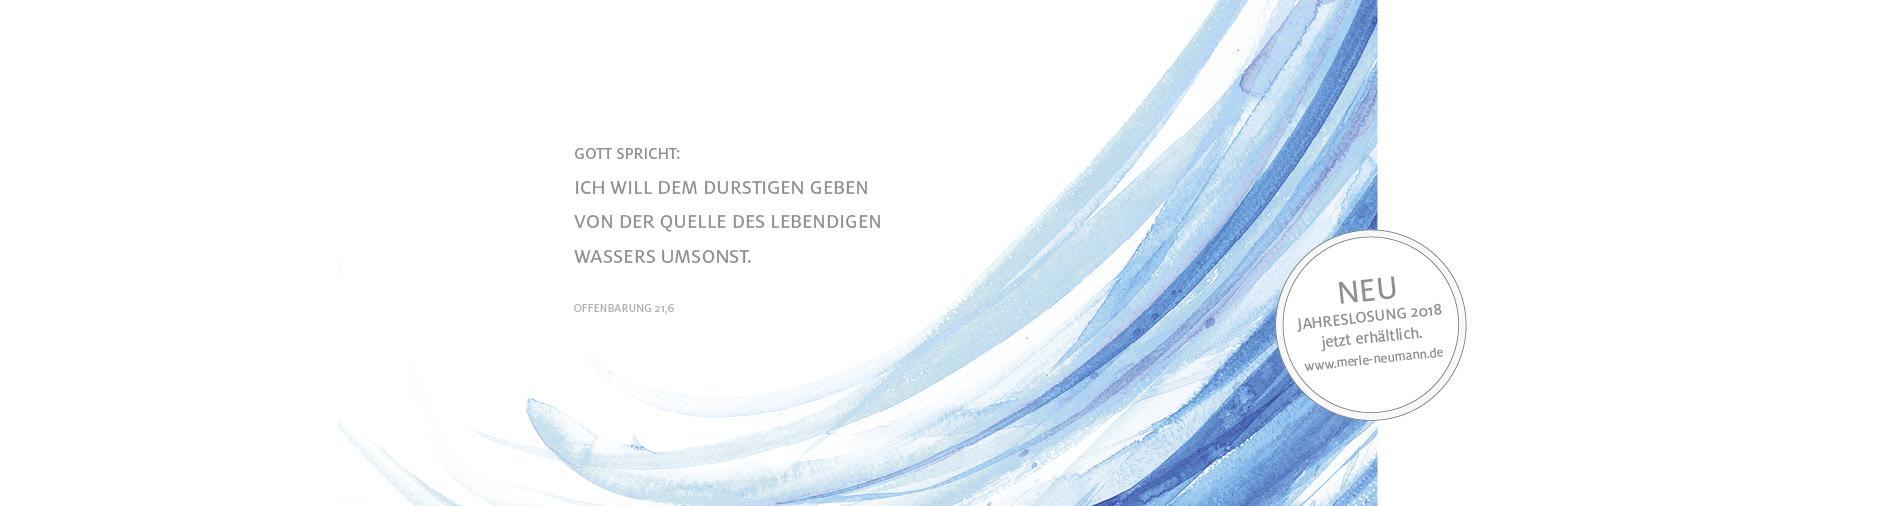 Merle Neumann gestaltet die Jahreslosung 2018 – Gott spricht: Ich will dem Durstigen geben von der Quelle des lebendigen Wassers umsonst. Offenbarung 21,6